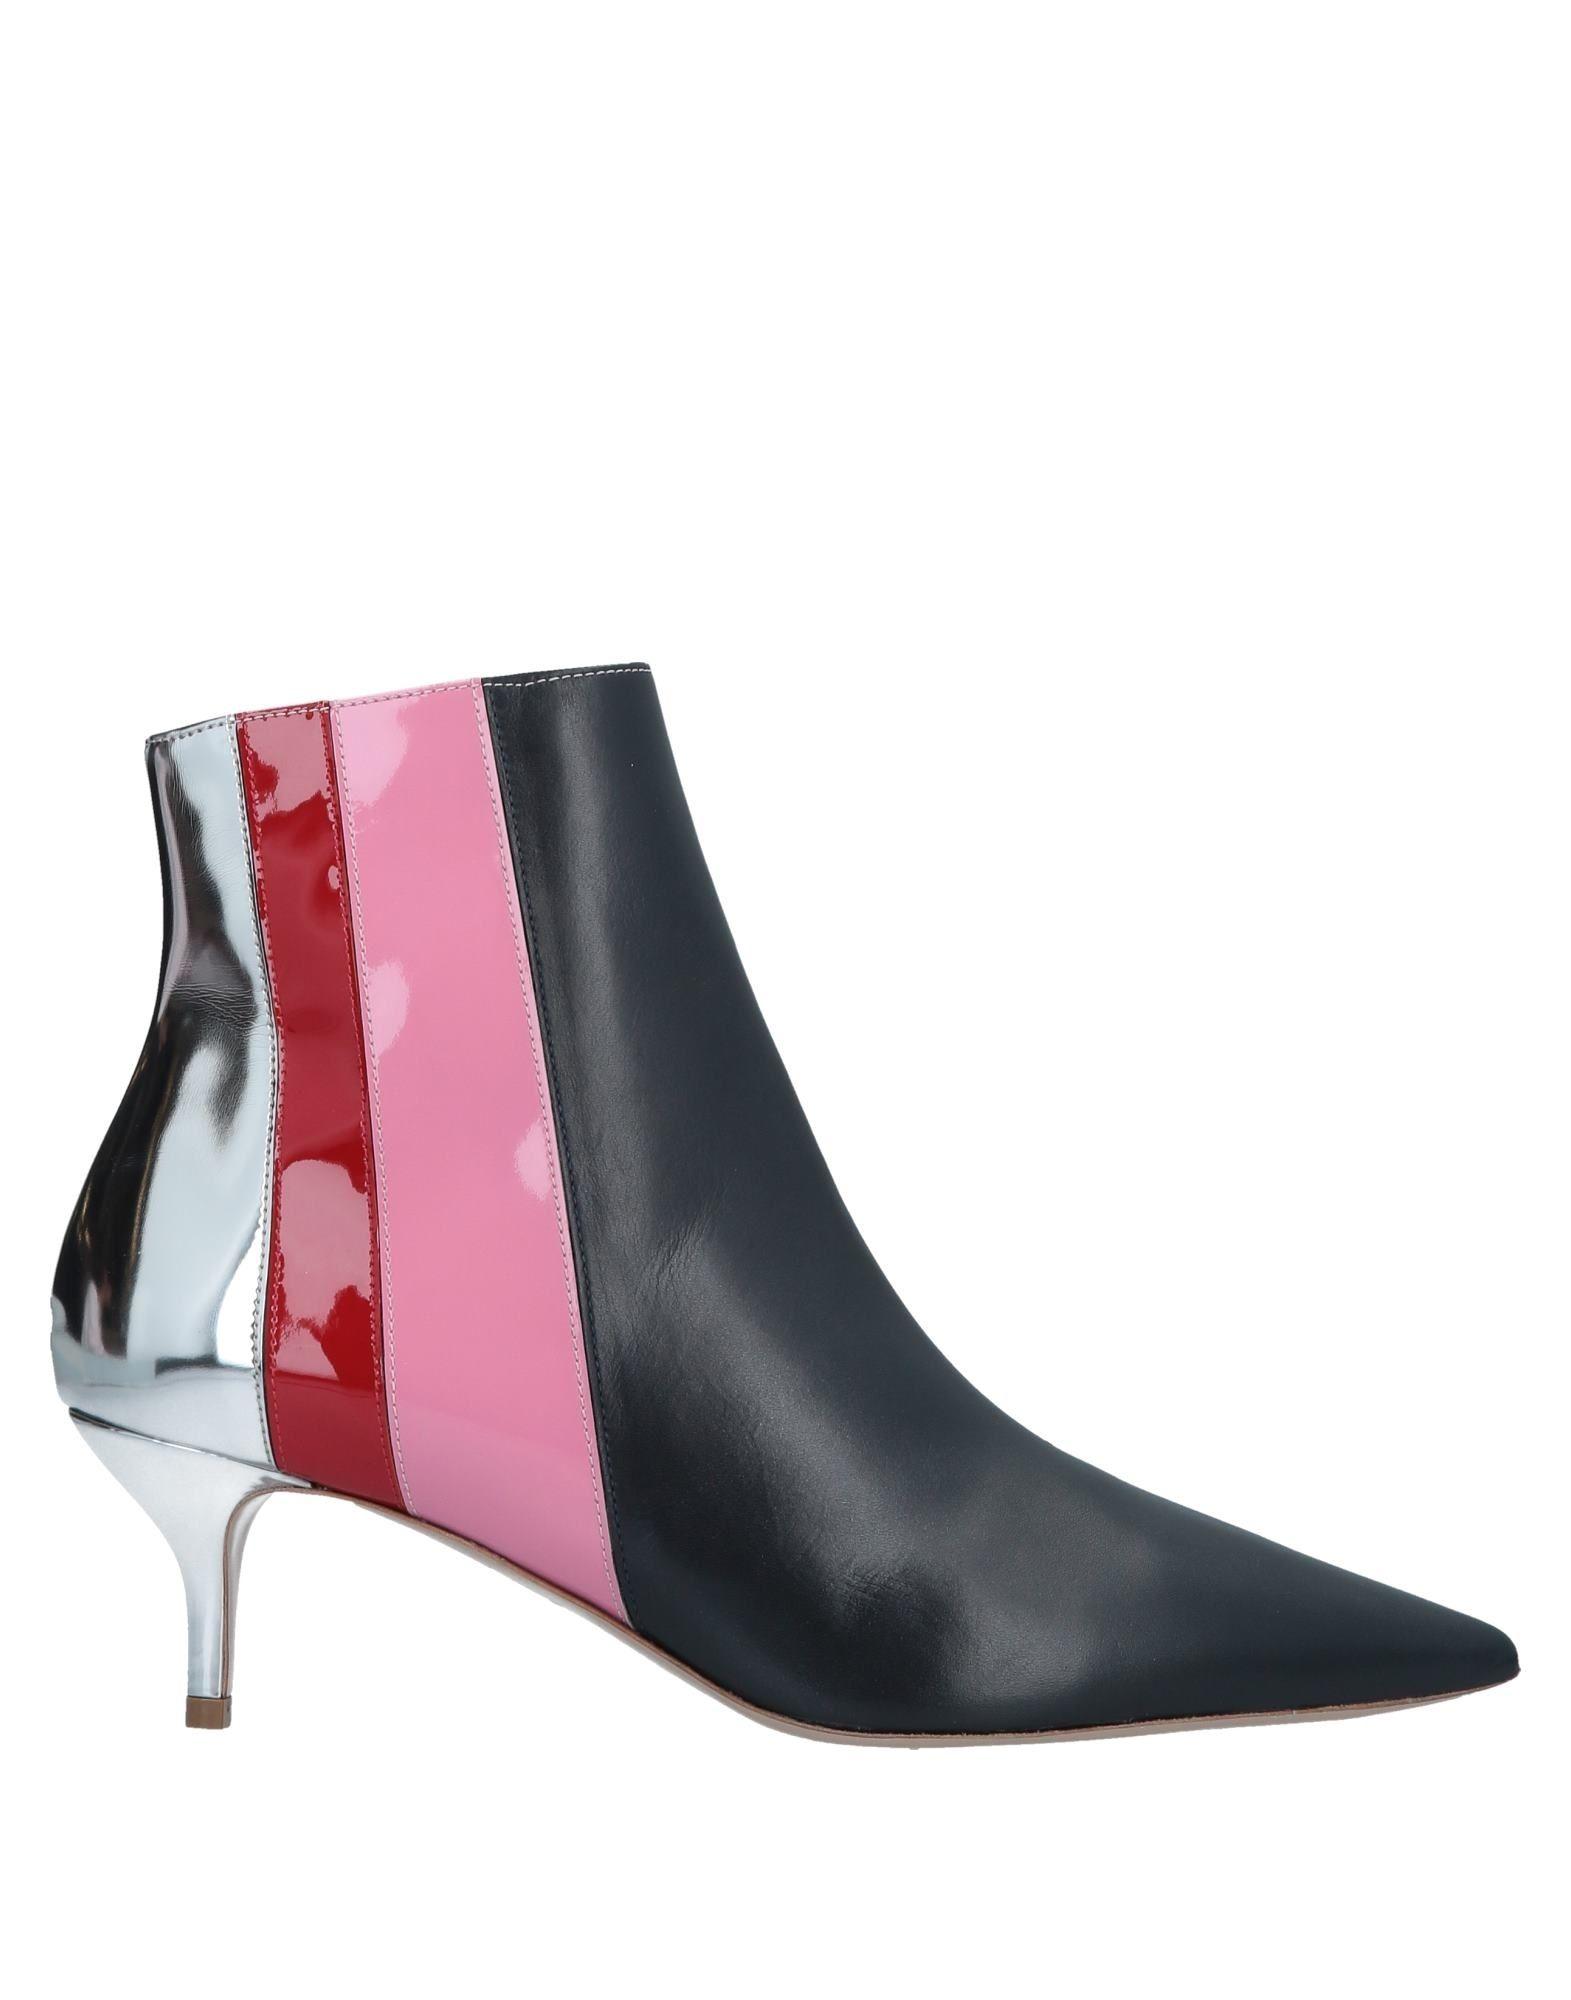 DELPOZO | DELPOZO Ankle Boots 11691607 | Goxip